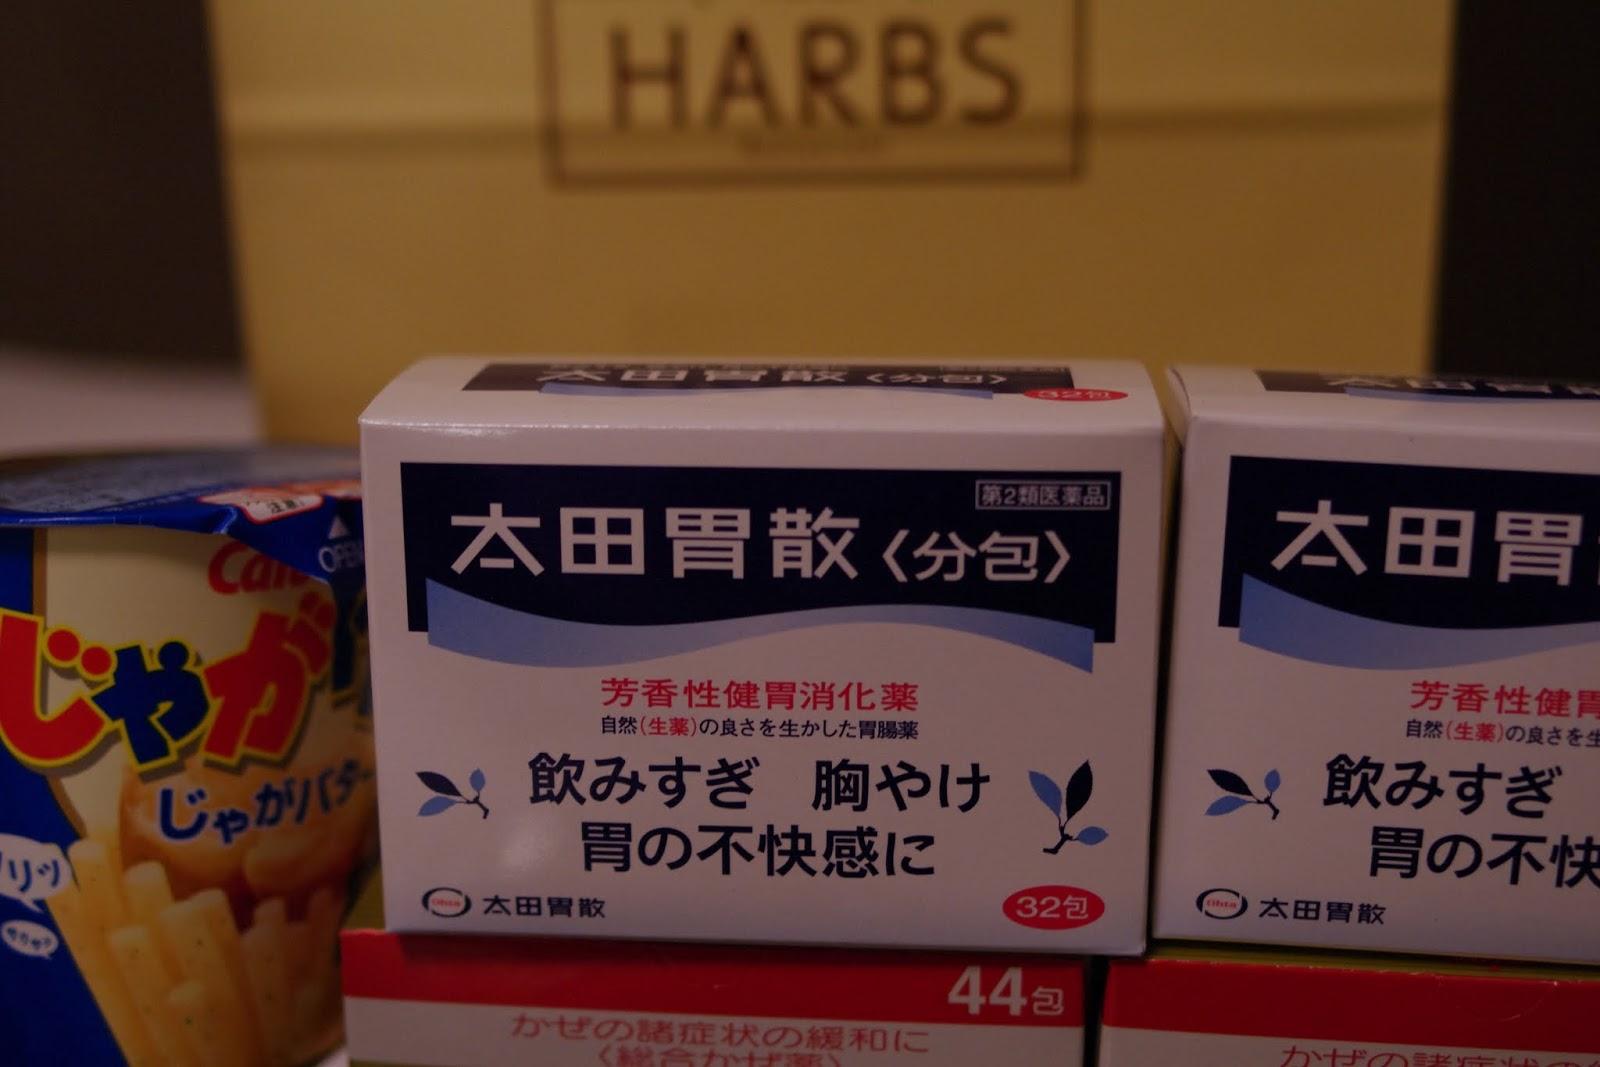 小瓜牛的窩: 14 春 日本行 0316 - 7 東京 藥妝大採買 (新宿東口+上野) 續2013年版 大比價